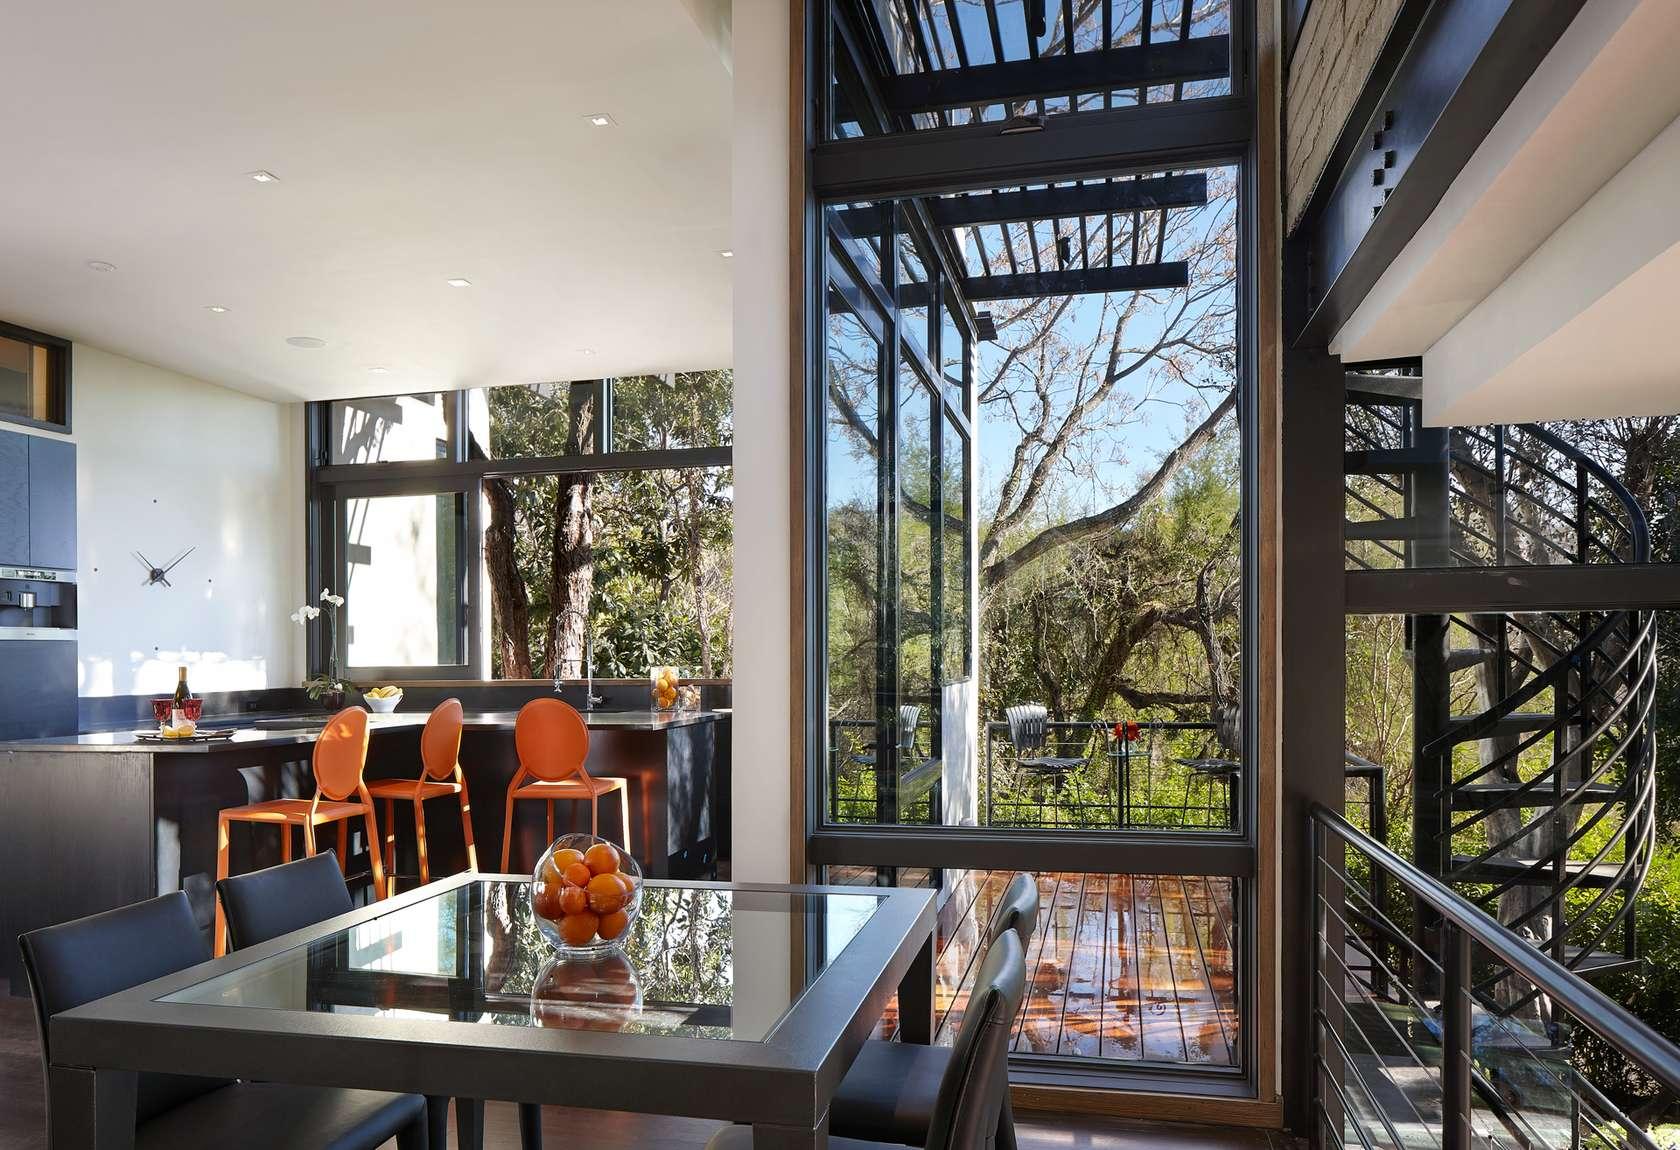 10-Modern-kitchen-diner